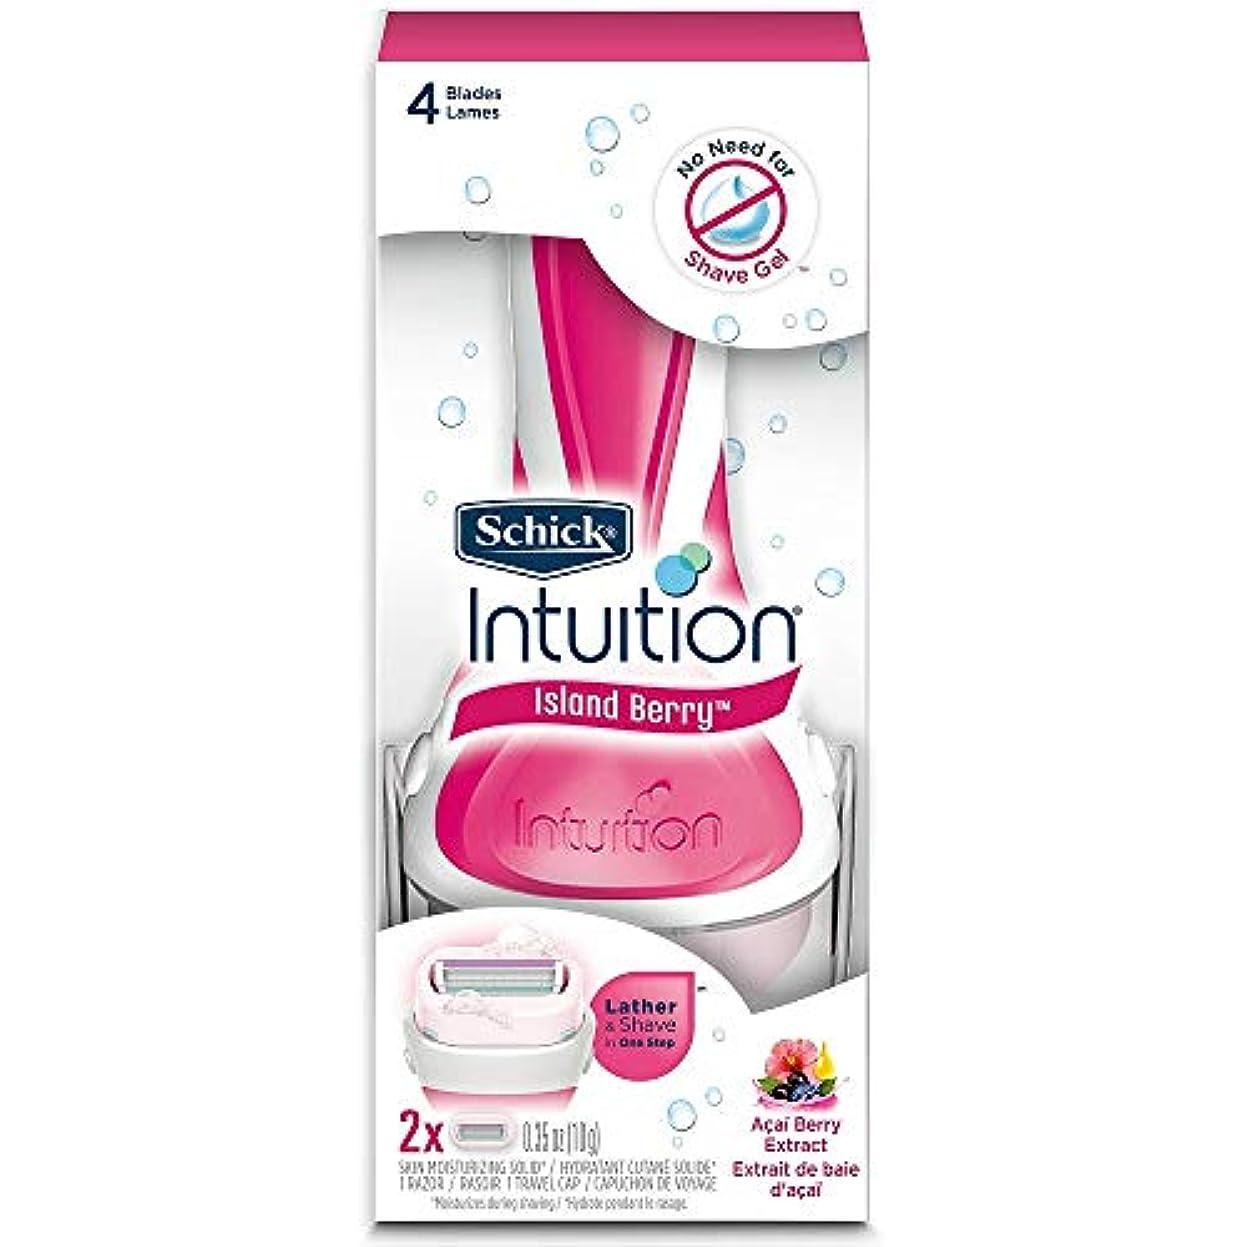 注文他の場所十分なSchick Intuition Island Berry 2かみそりの刃の結め換え品を持つ女性のかみそり [並行輸入品]